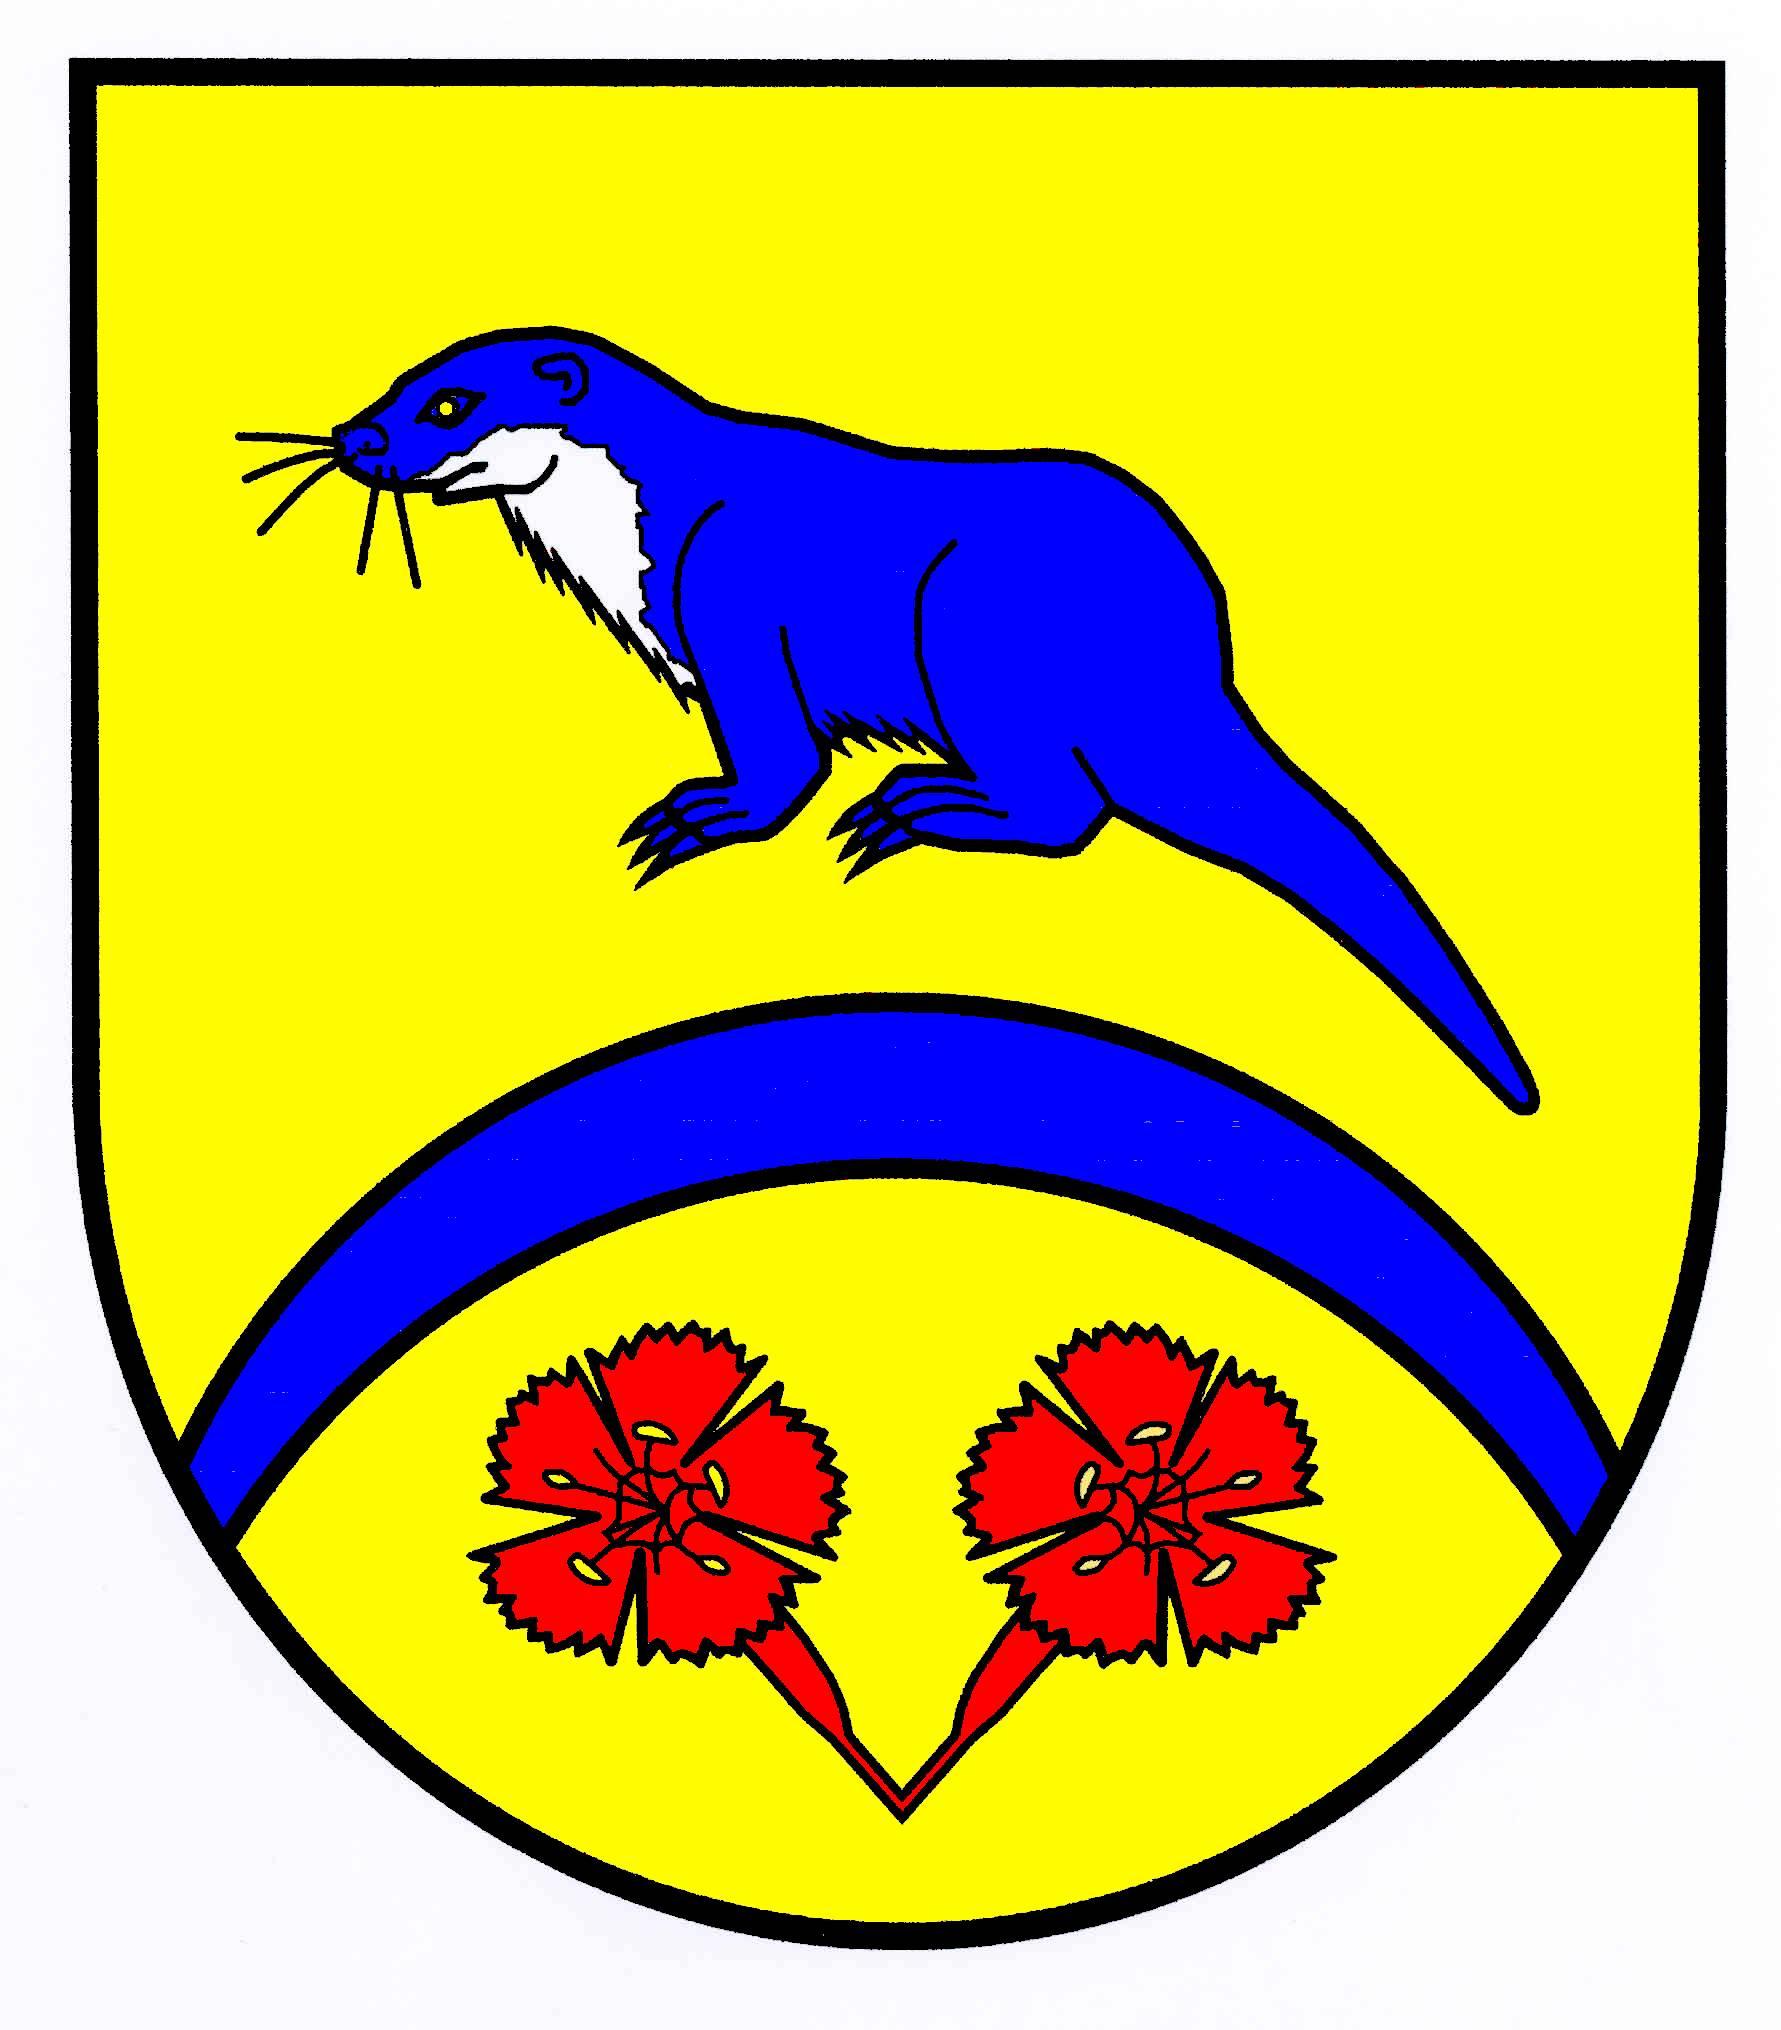 Wappen GemeindeGrambek, Kreis Herzogtum Lauenburg